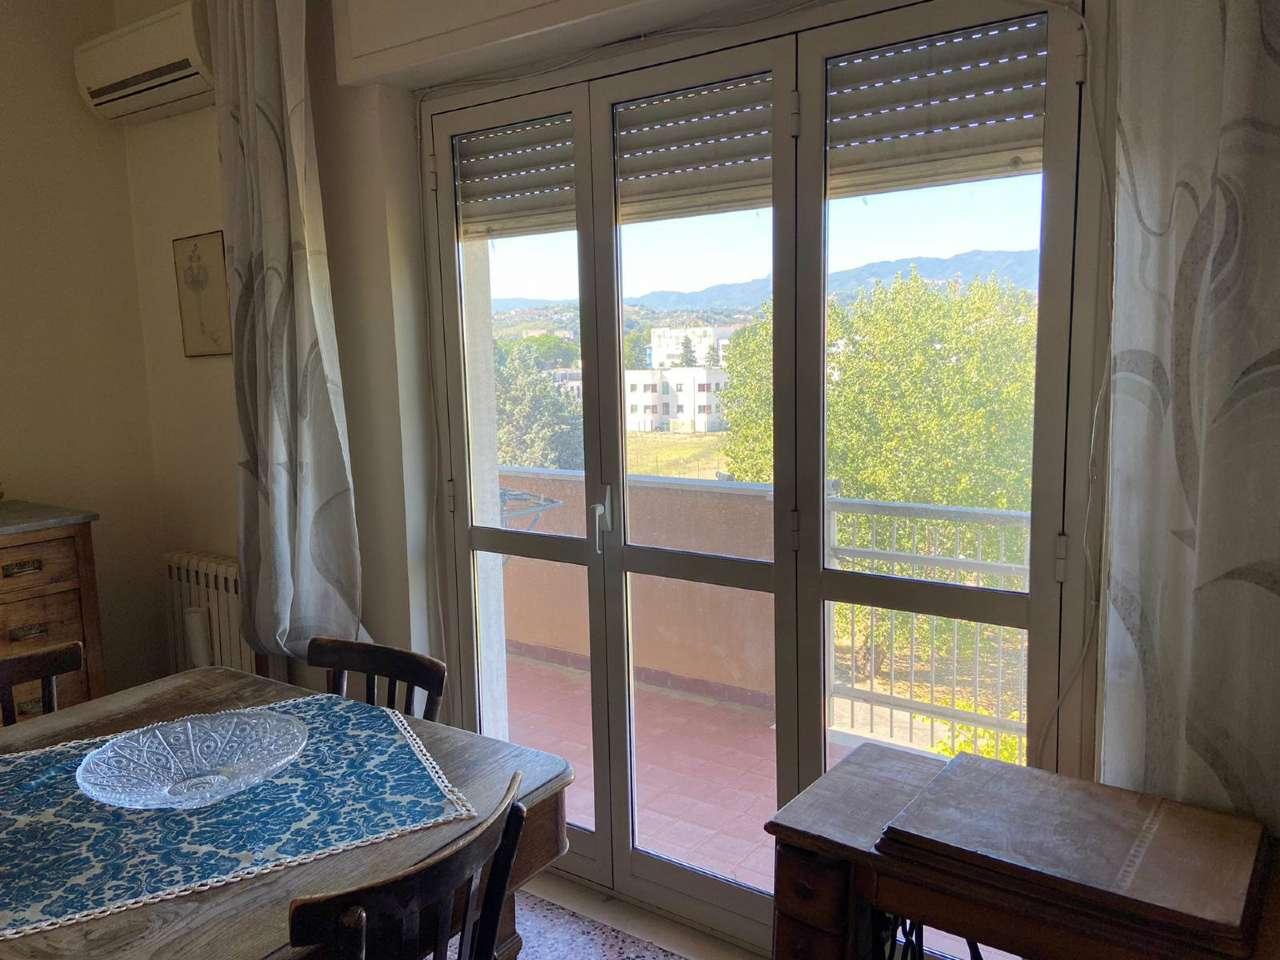 trilocale, Via Gioacchino Rossini, Rende, foto 10